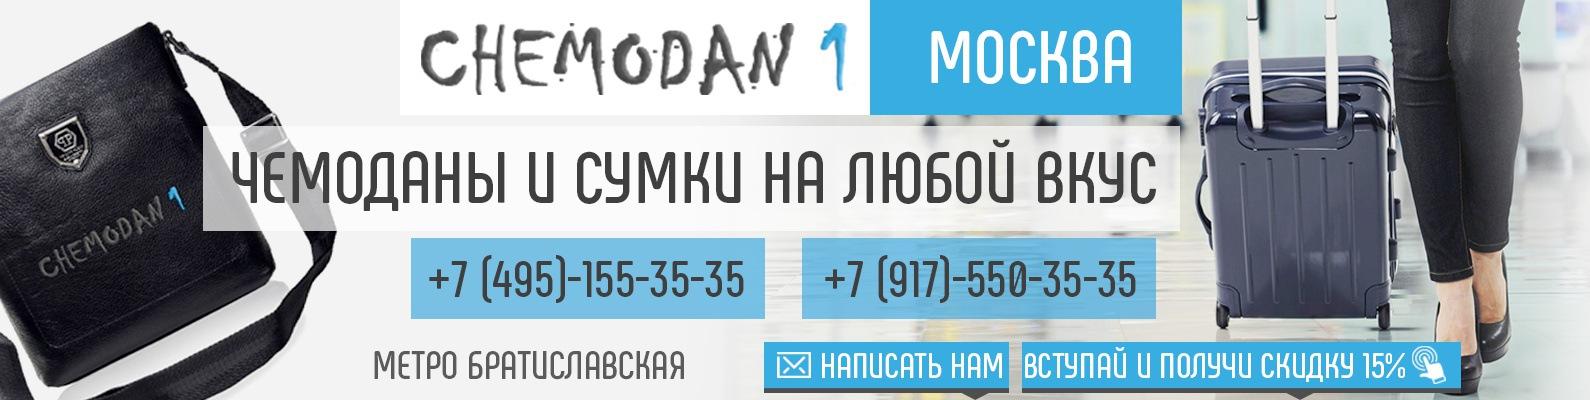 Чемоданы на колесах купить дешево в Москве марьино